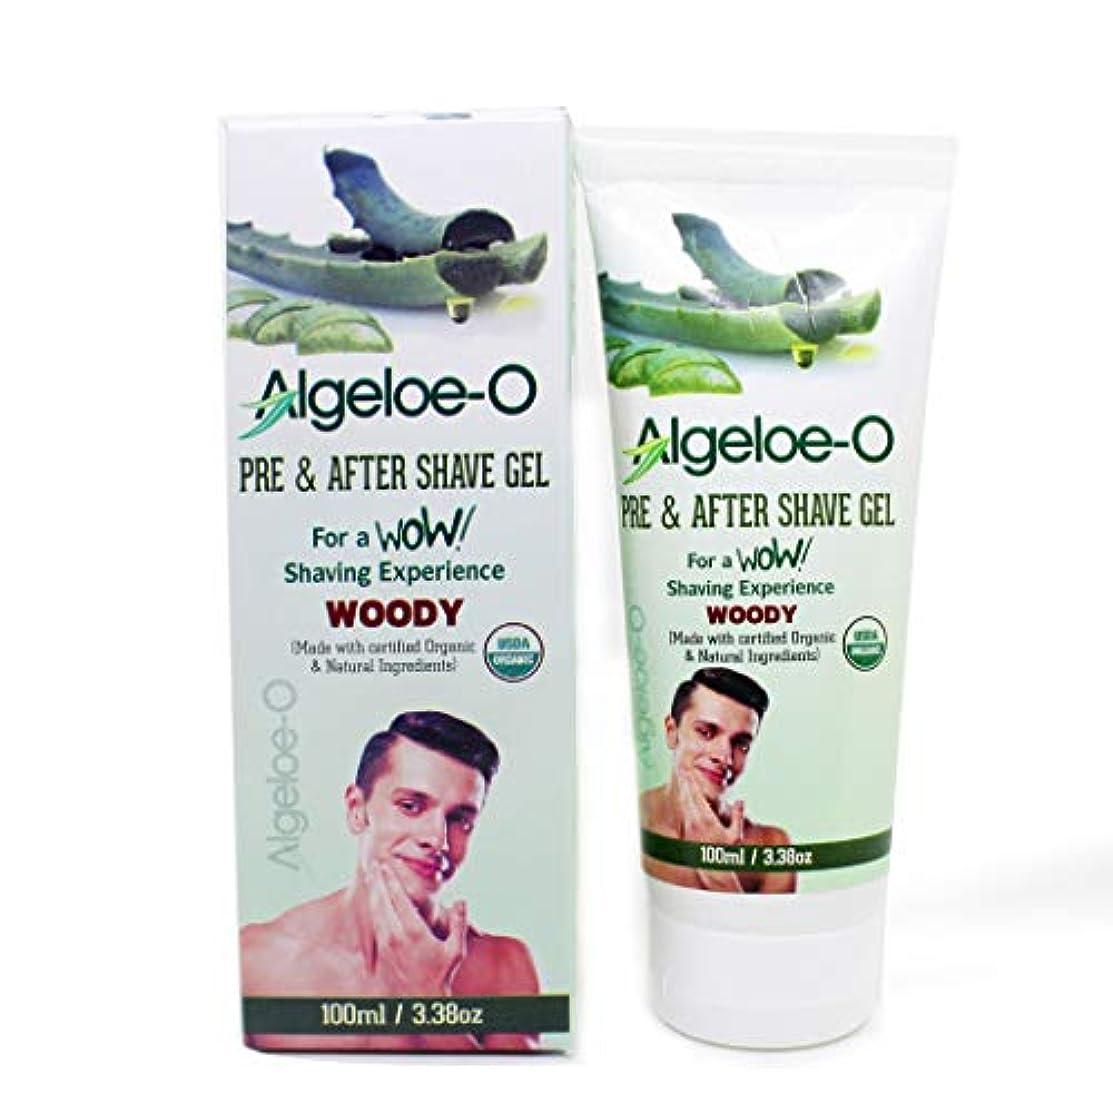 巻き取り鏡曲げるAloevera Pre And After Shave Gel - Algeloe O Made With Certified USDA Organic And Natural Ingredients - Woody...